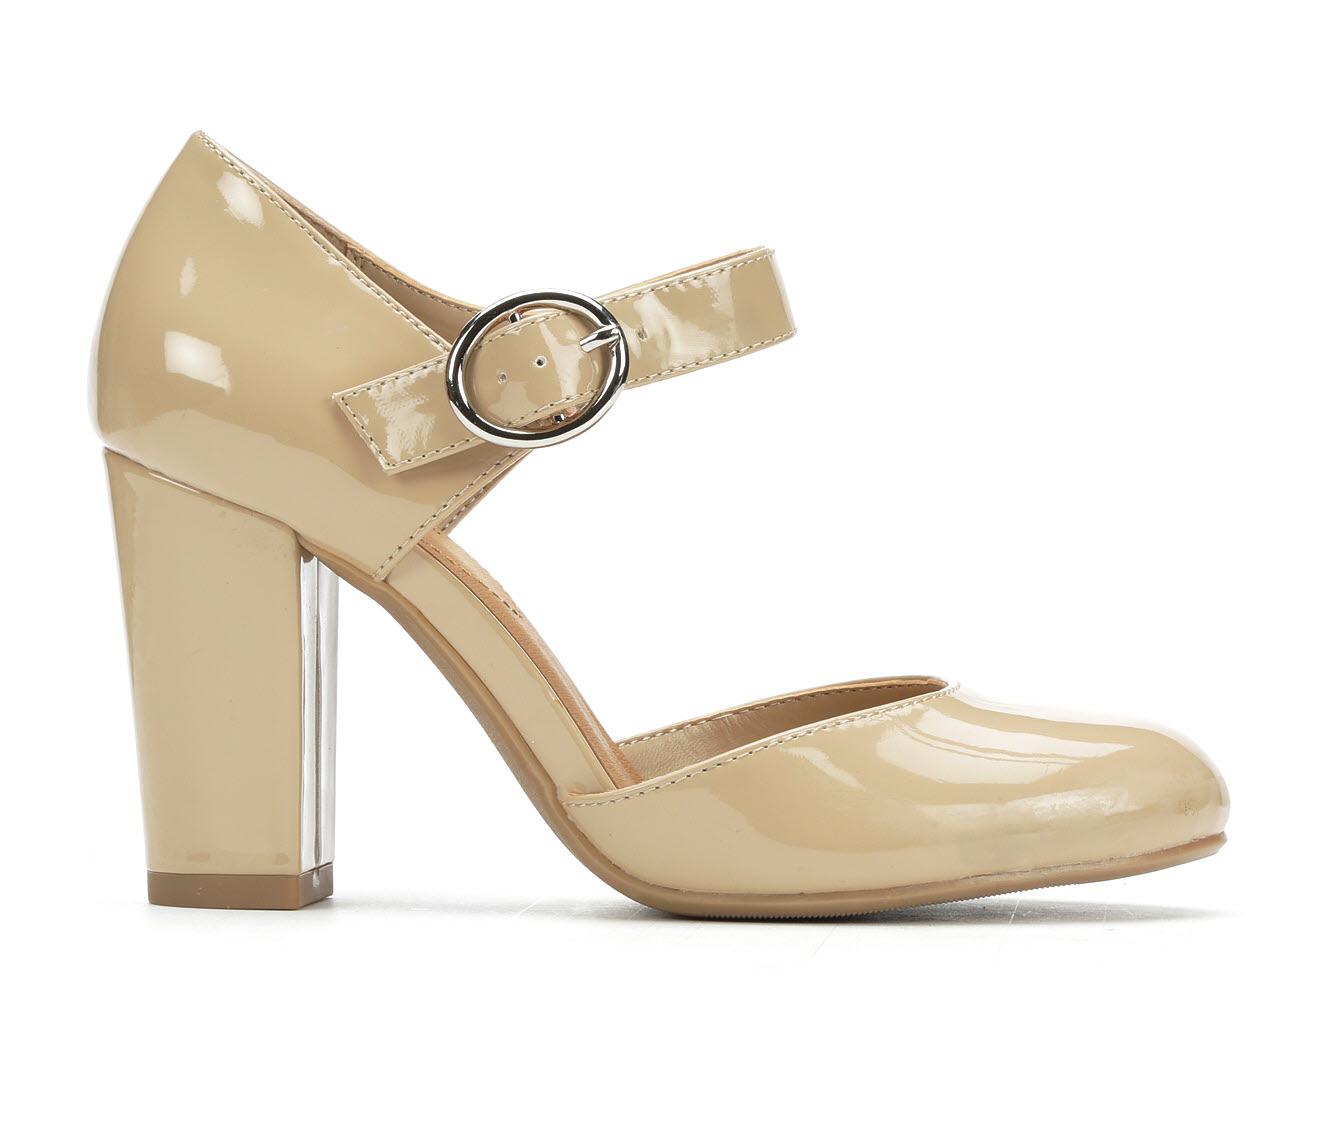 Y-Not Karrie Women's Dress Shoe (Beige Faux Leather)